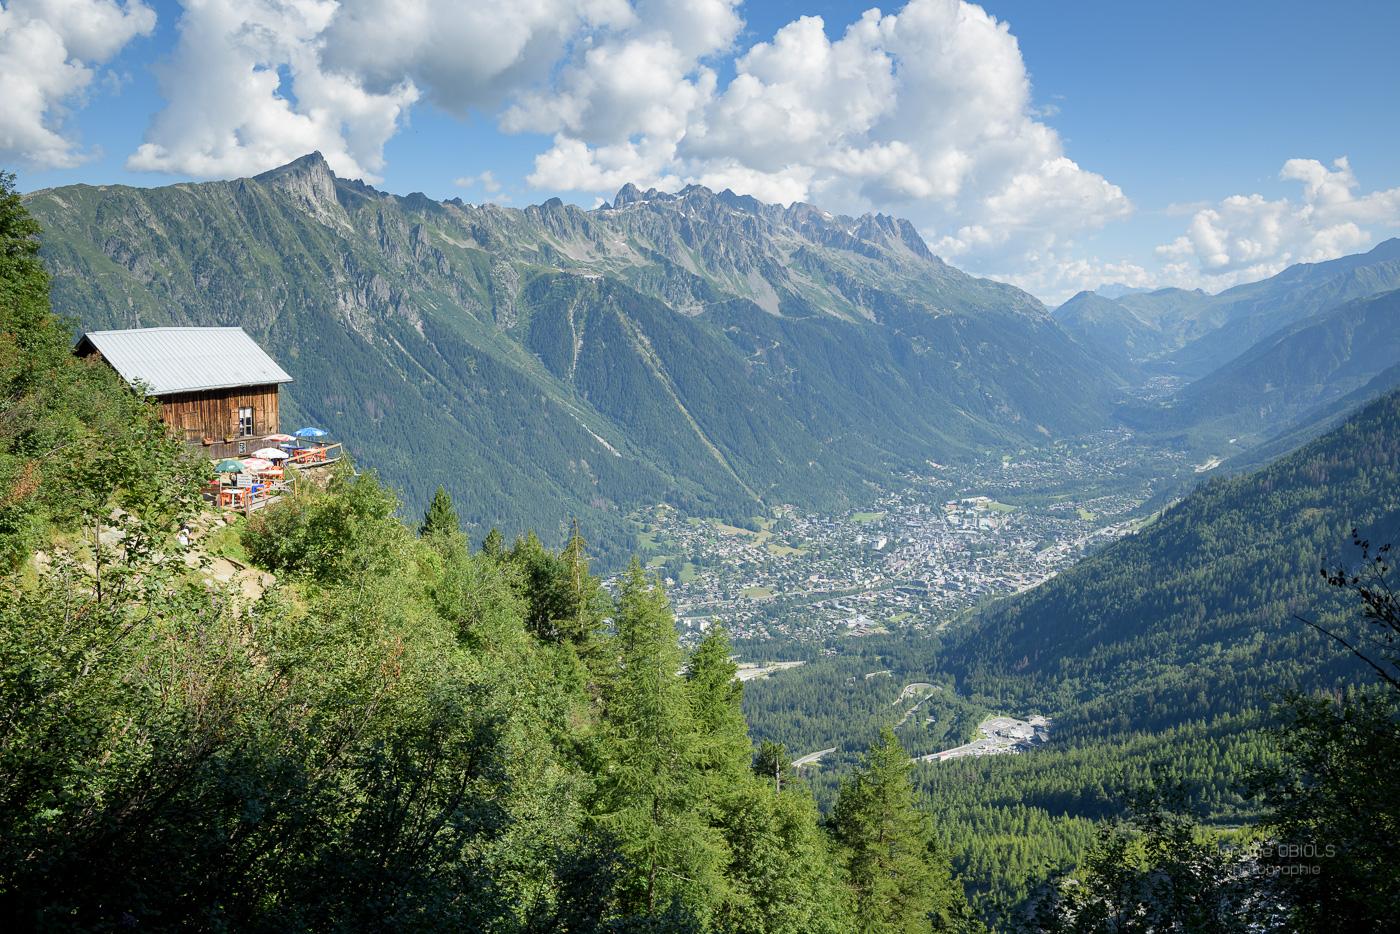 Vue sur le Chalet des Pyramides, la vallée de Chamonix et les Aiguilles Rouges.